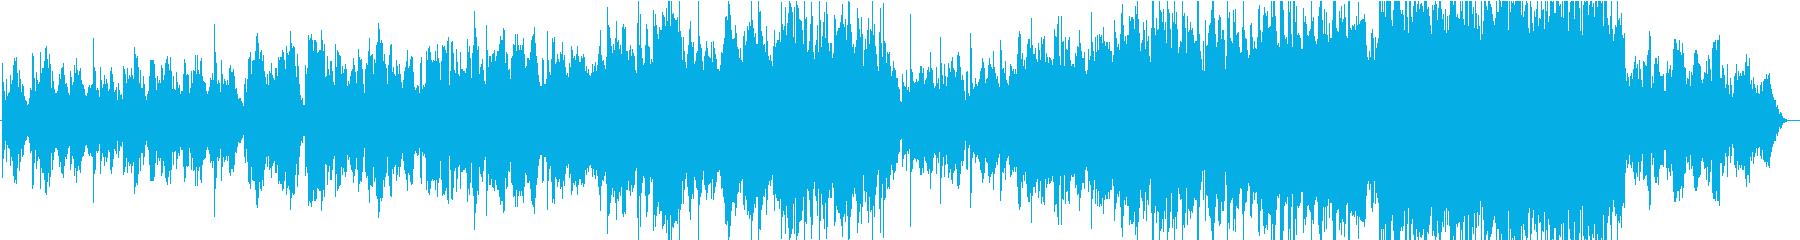 二胡の揺らぎを生かした曲の再生済みの波形